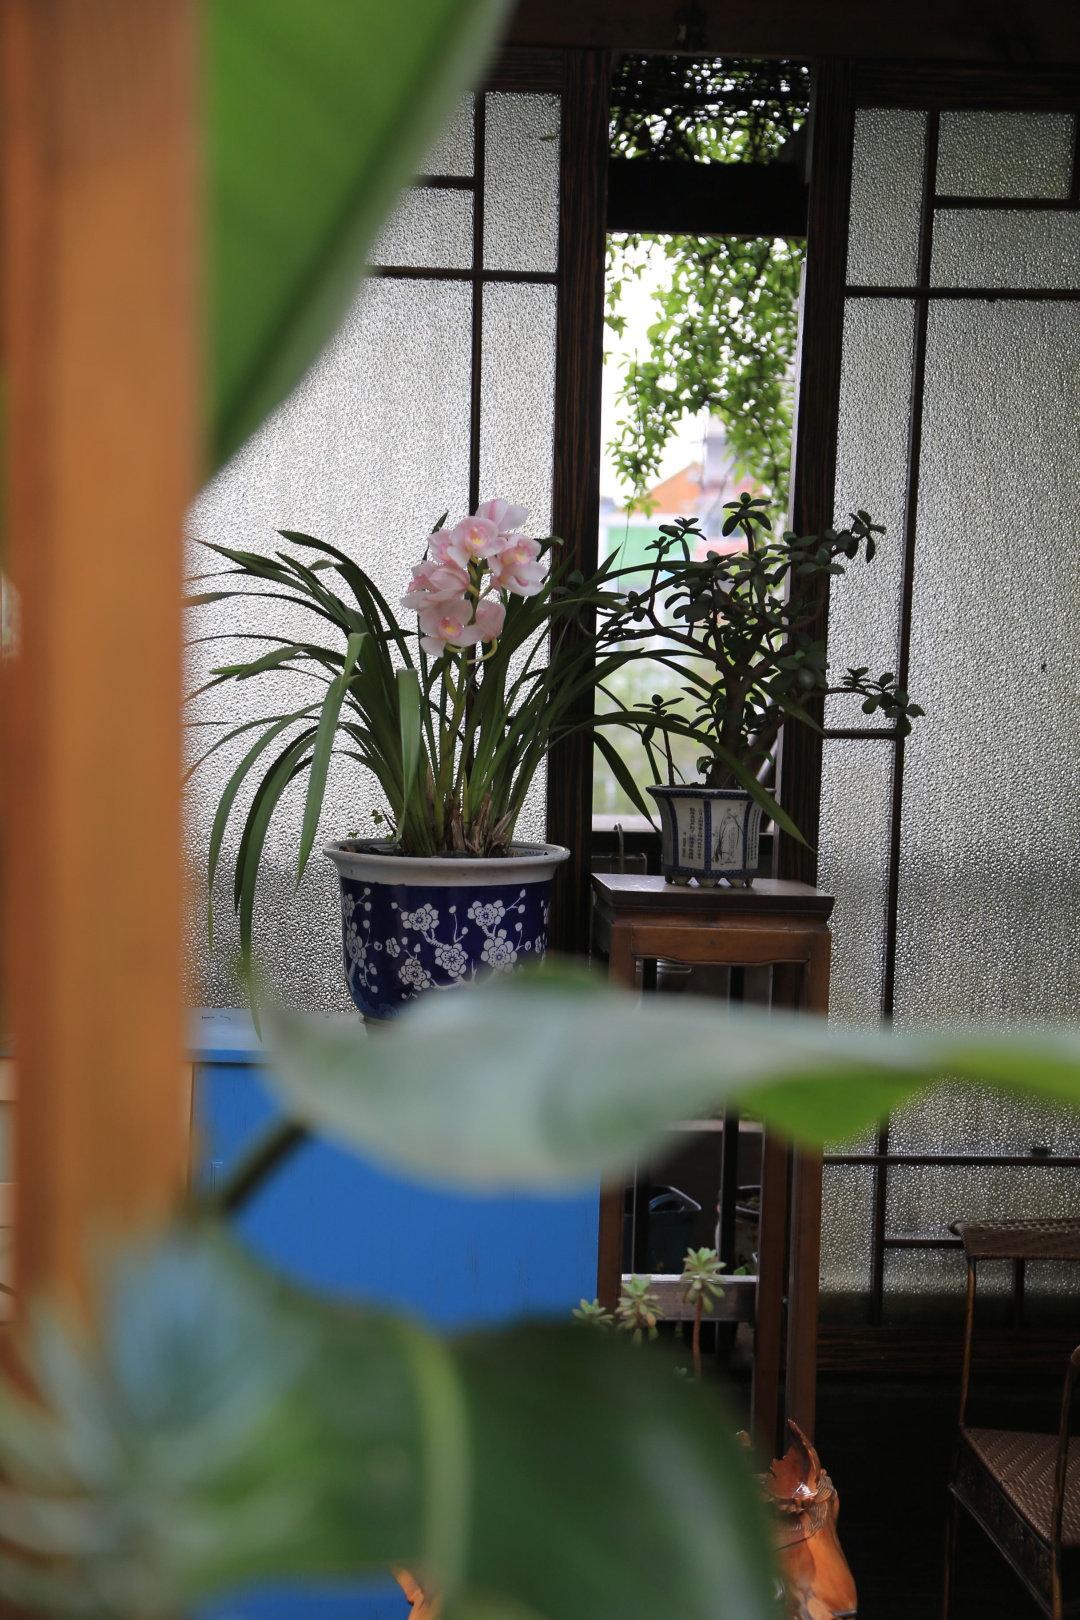 Khu vườn quanh năm chỉ có mùa xuân với hoa nở tưng bừng của cô giáo dạy Toán-12